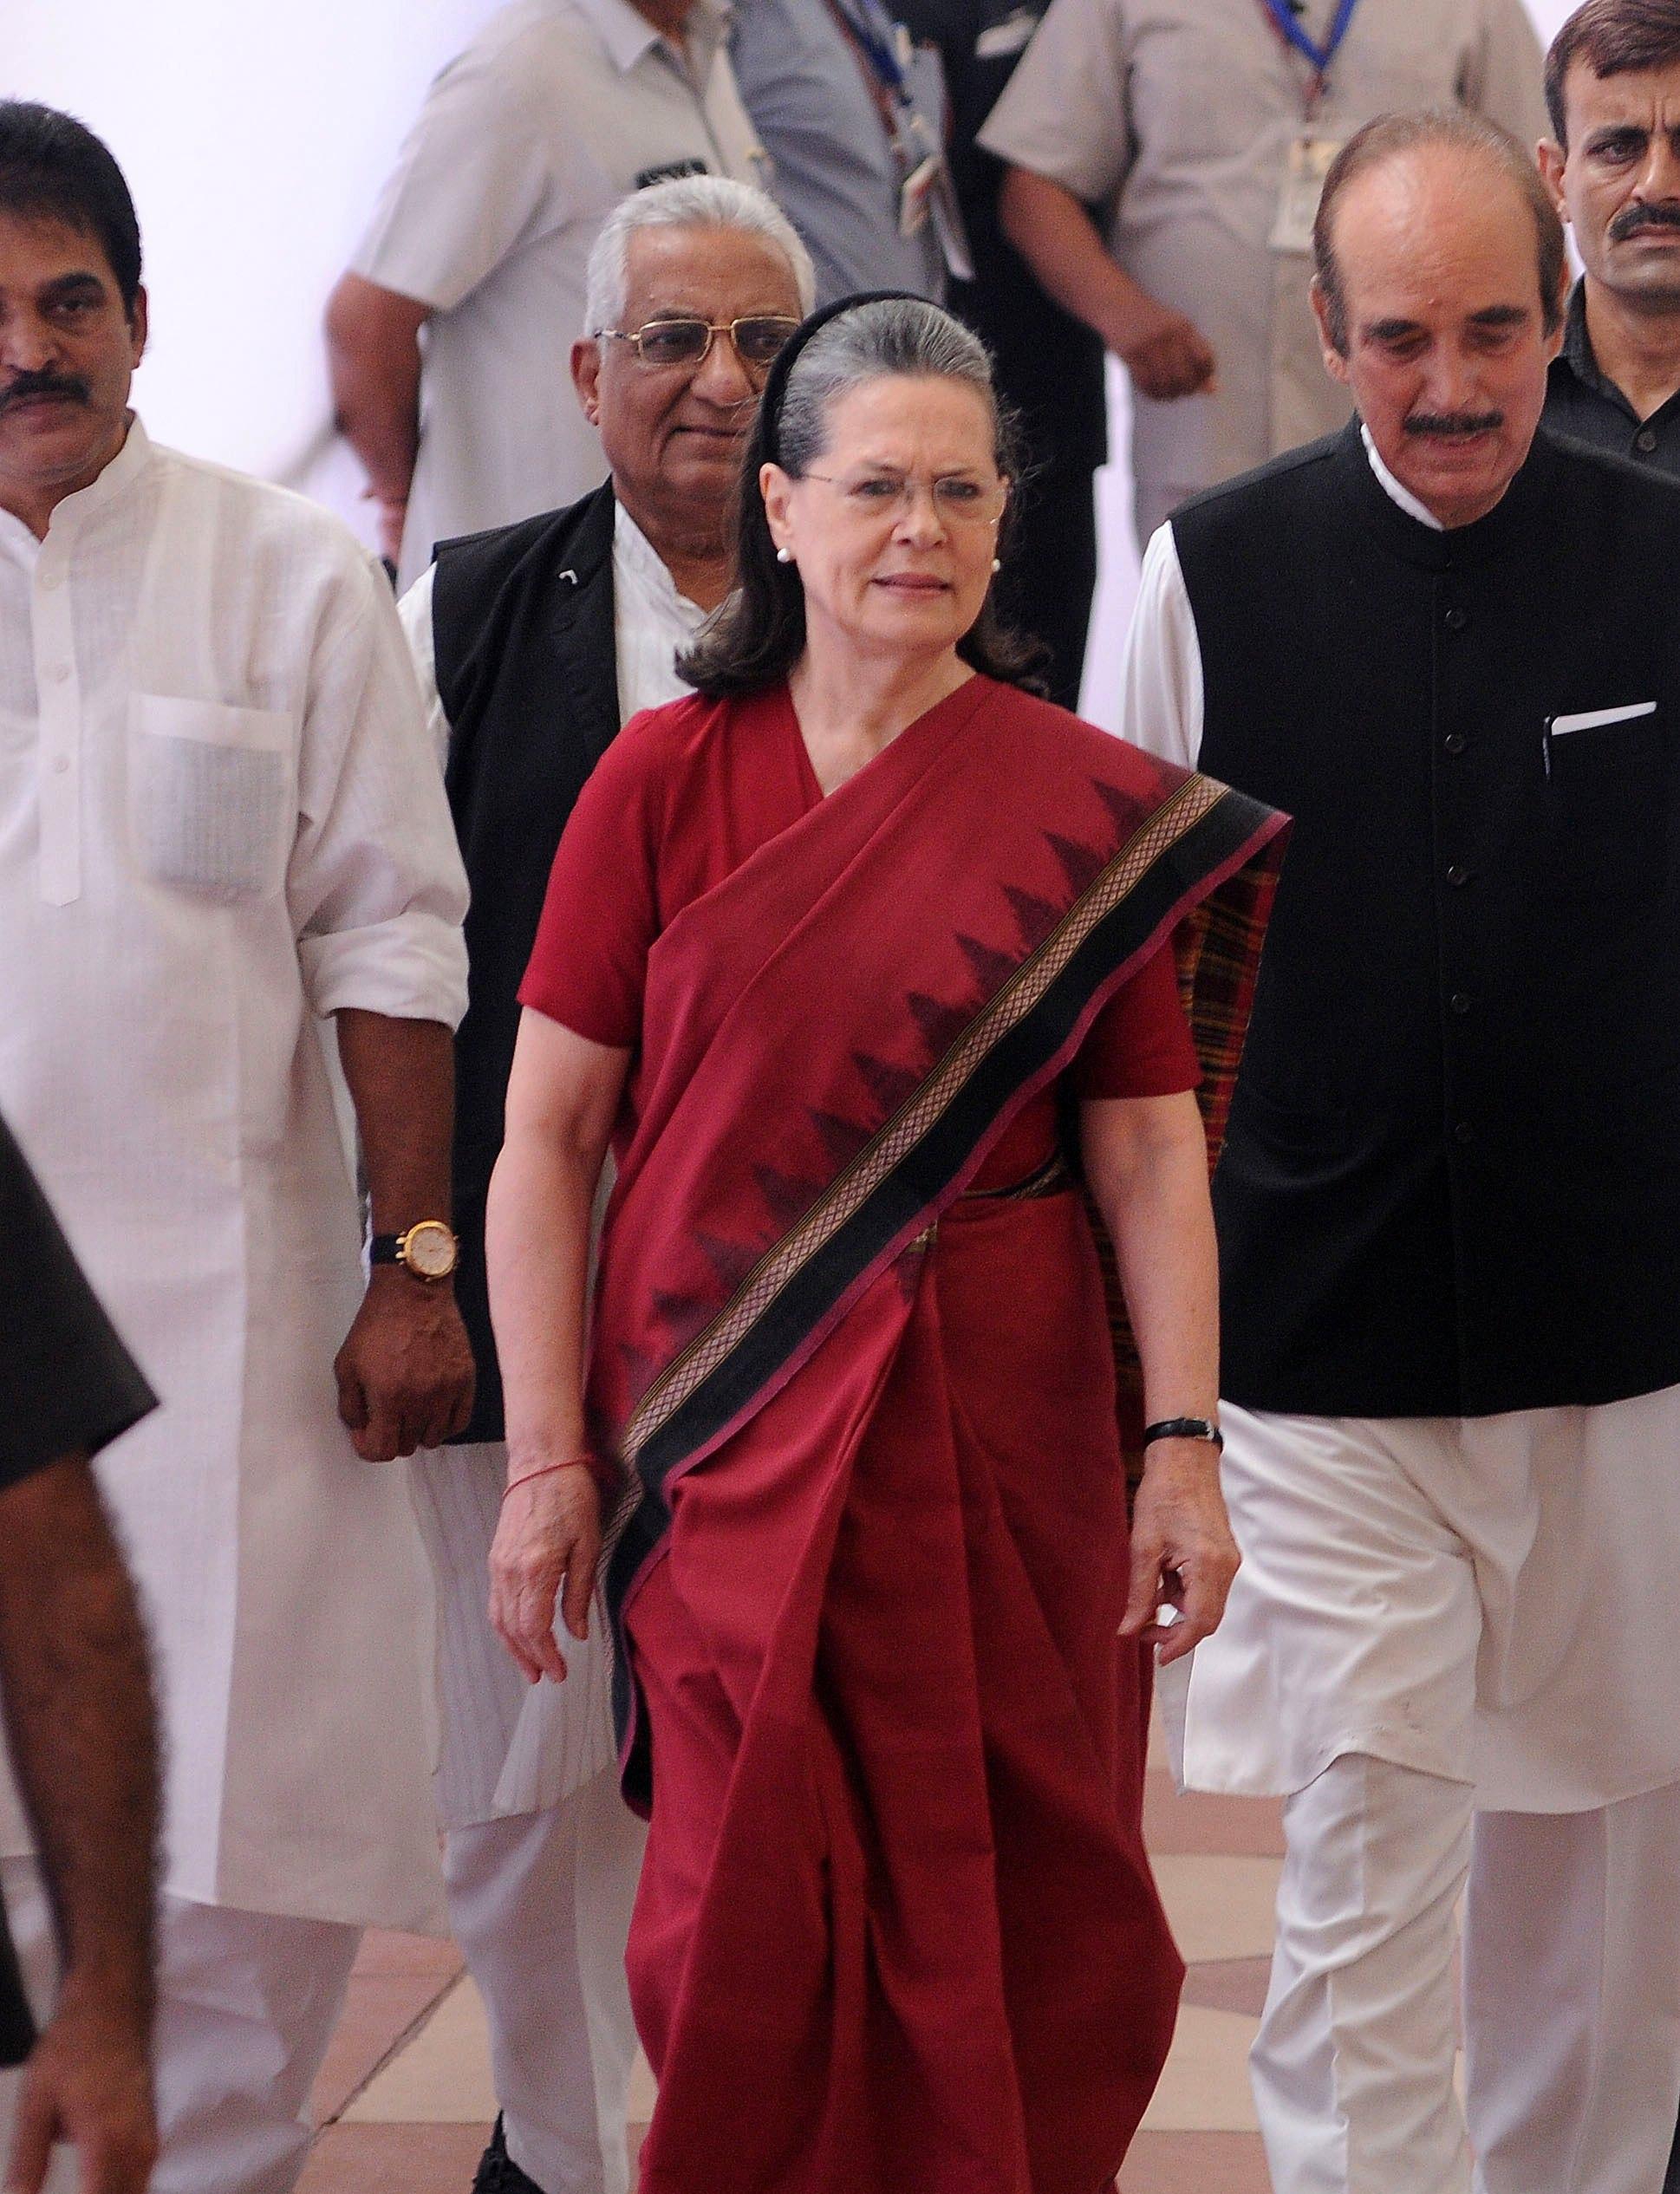 Sonia Ghandi lascia presidenza partito